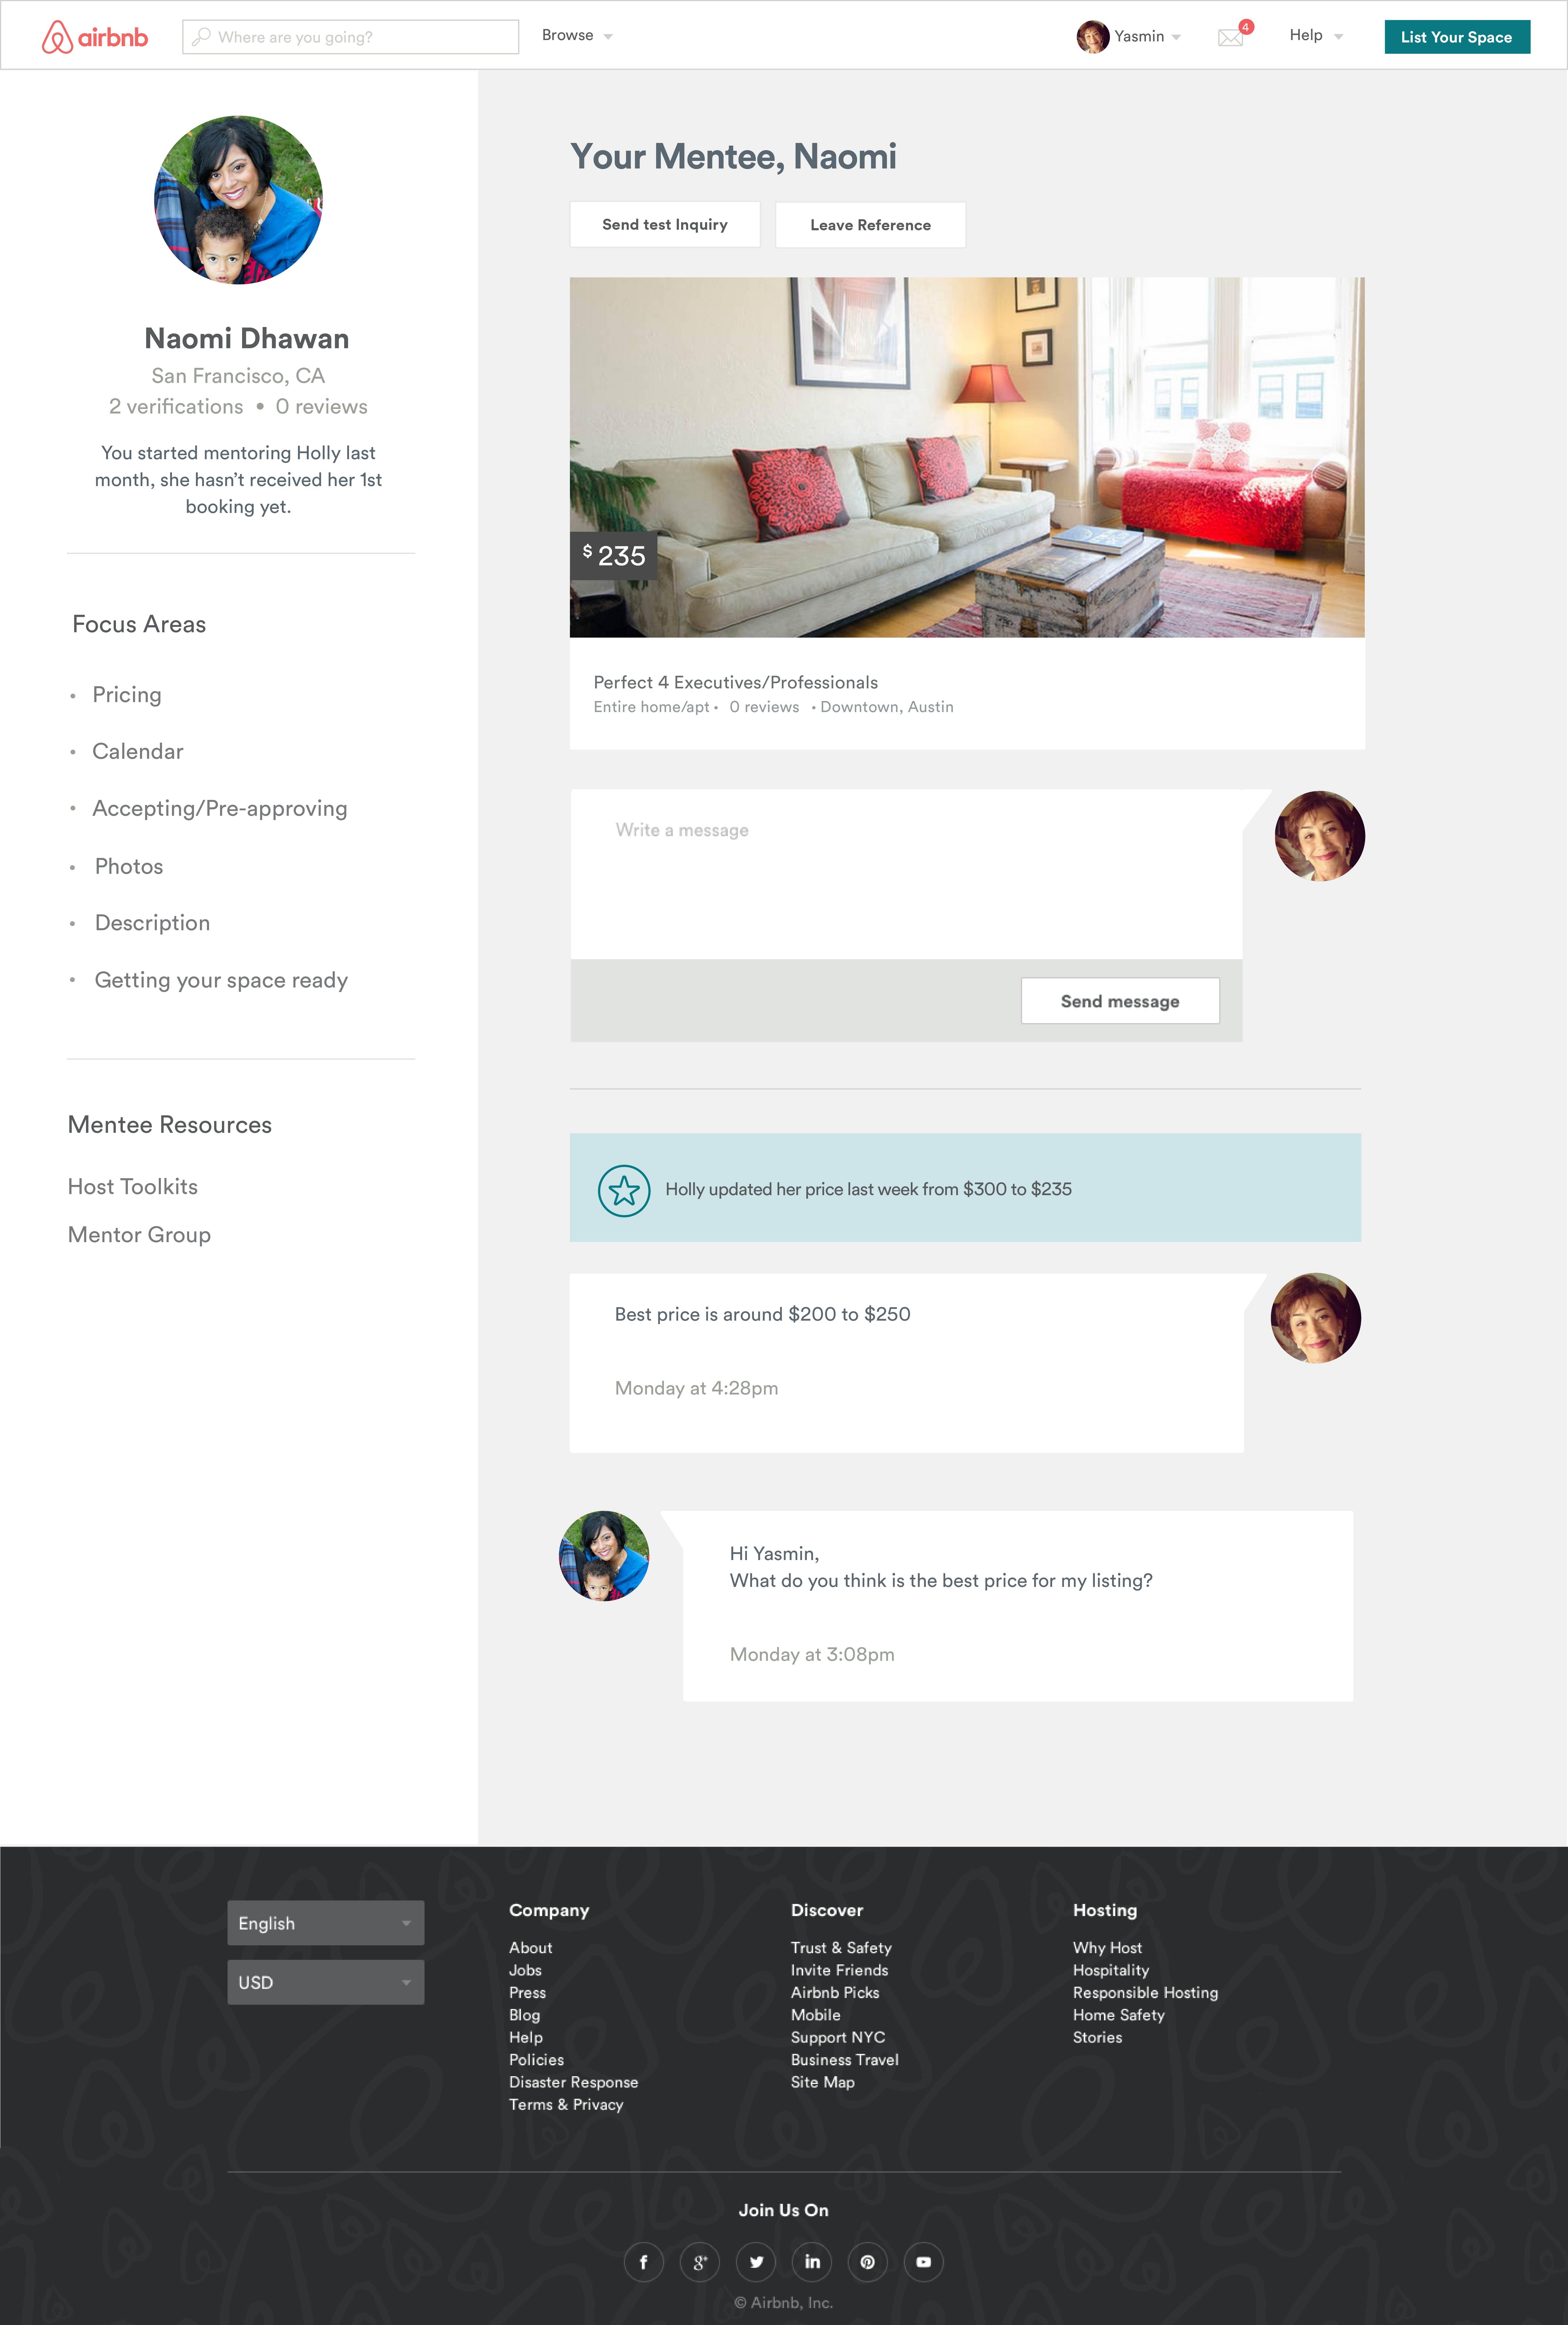 Airbnb Mentors